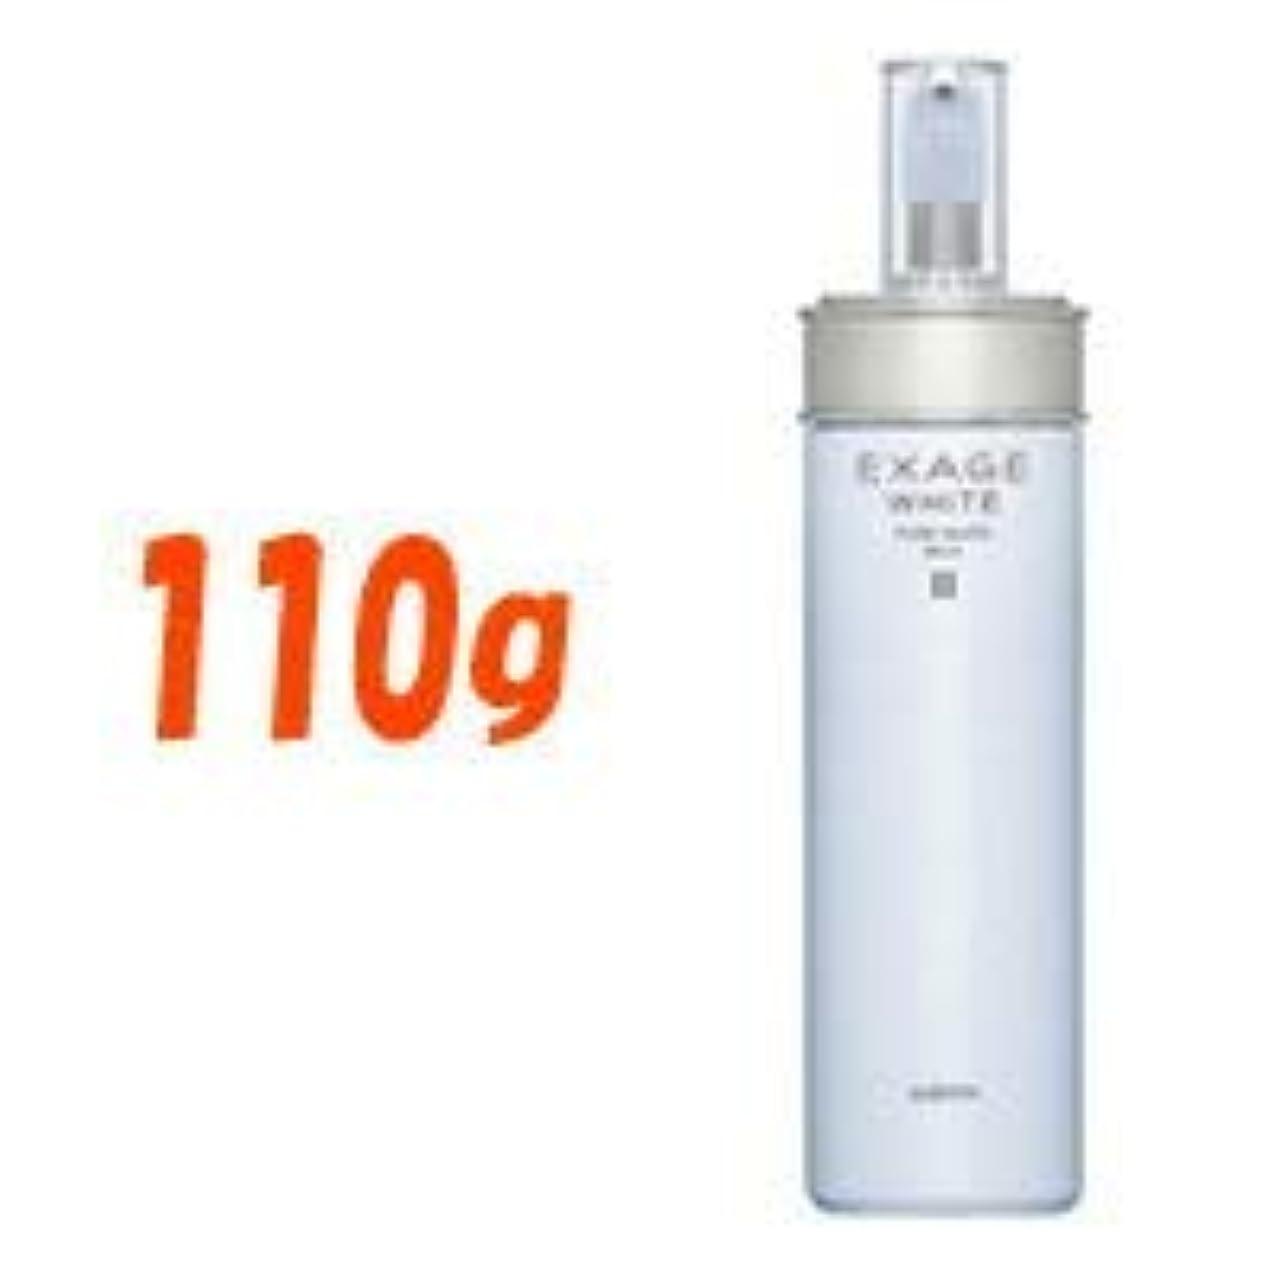 含意お世話になった構成するアルビオン エクサージュ ホワイトピュアホワイトミルク(2) 110g